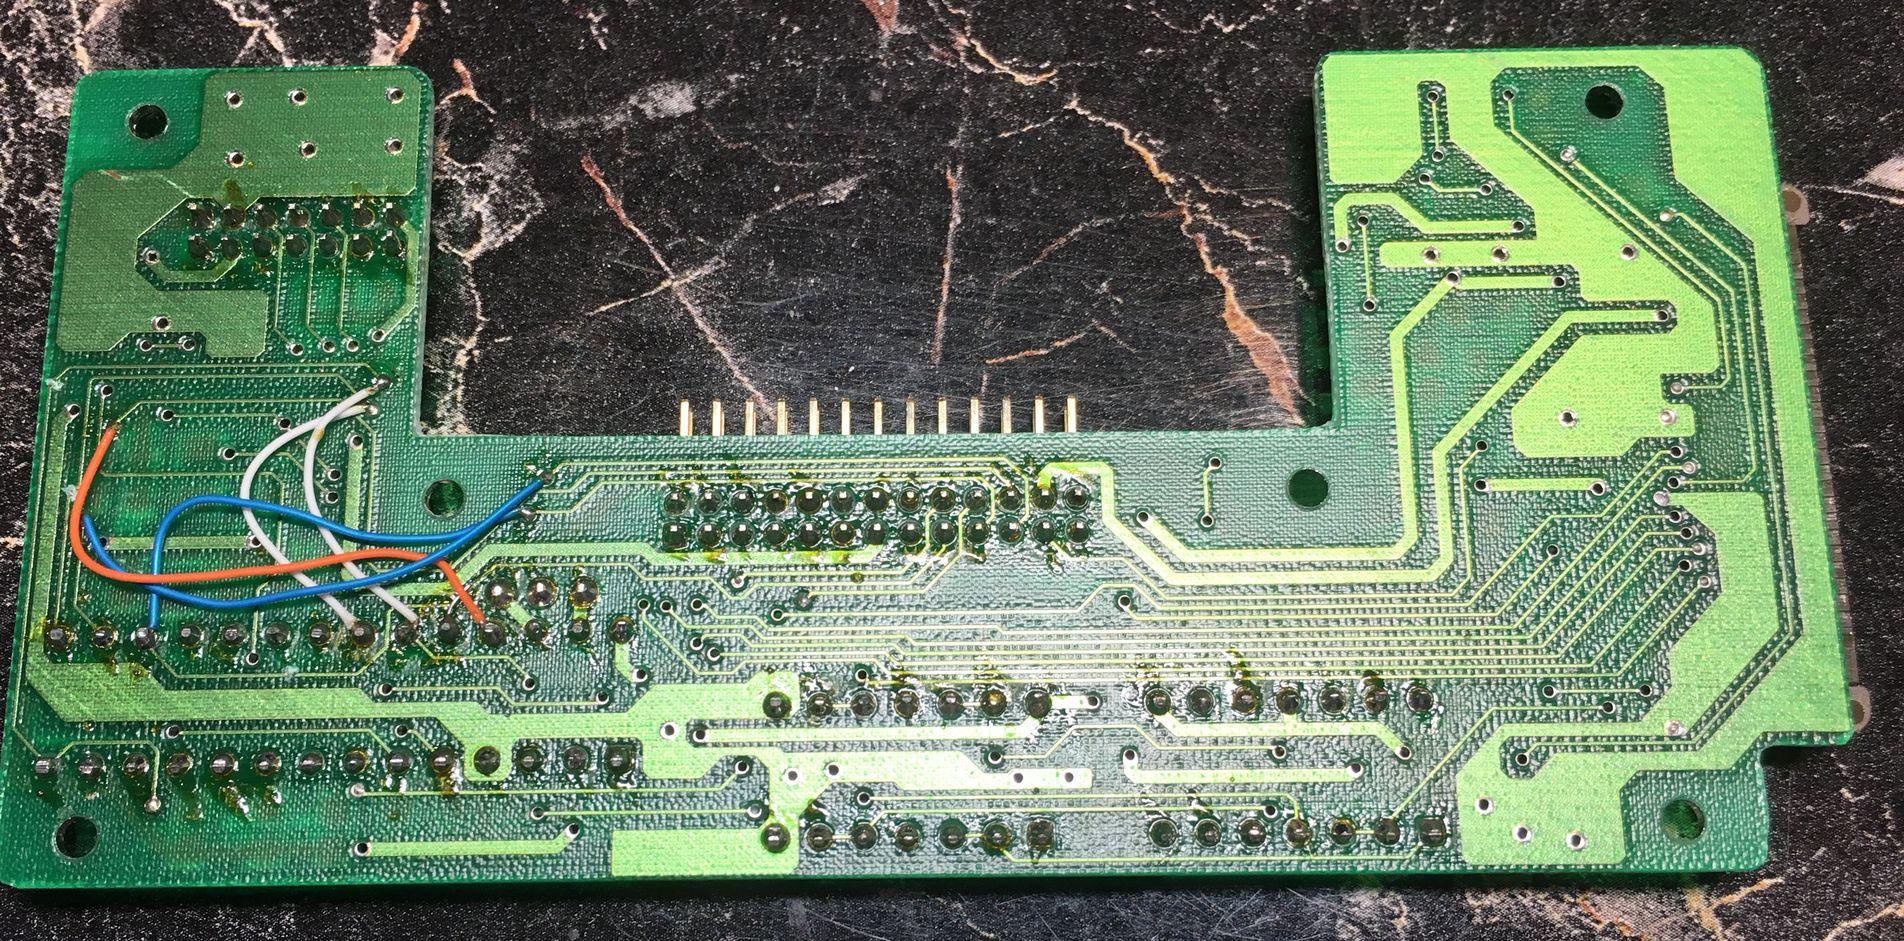 BECKER CD-522, входная плата с обратной стороны